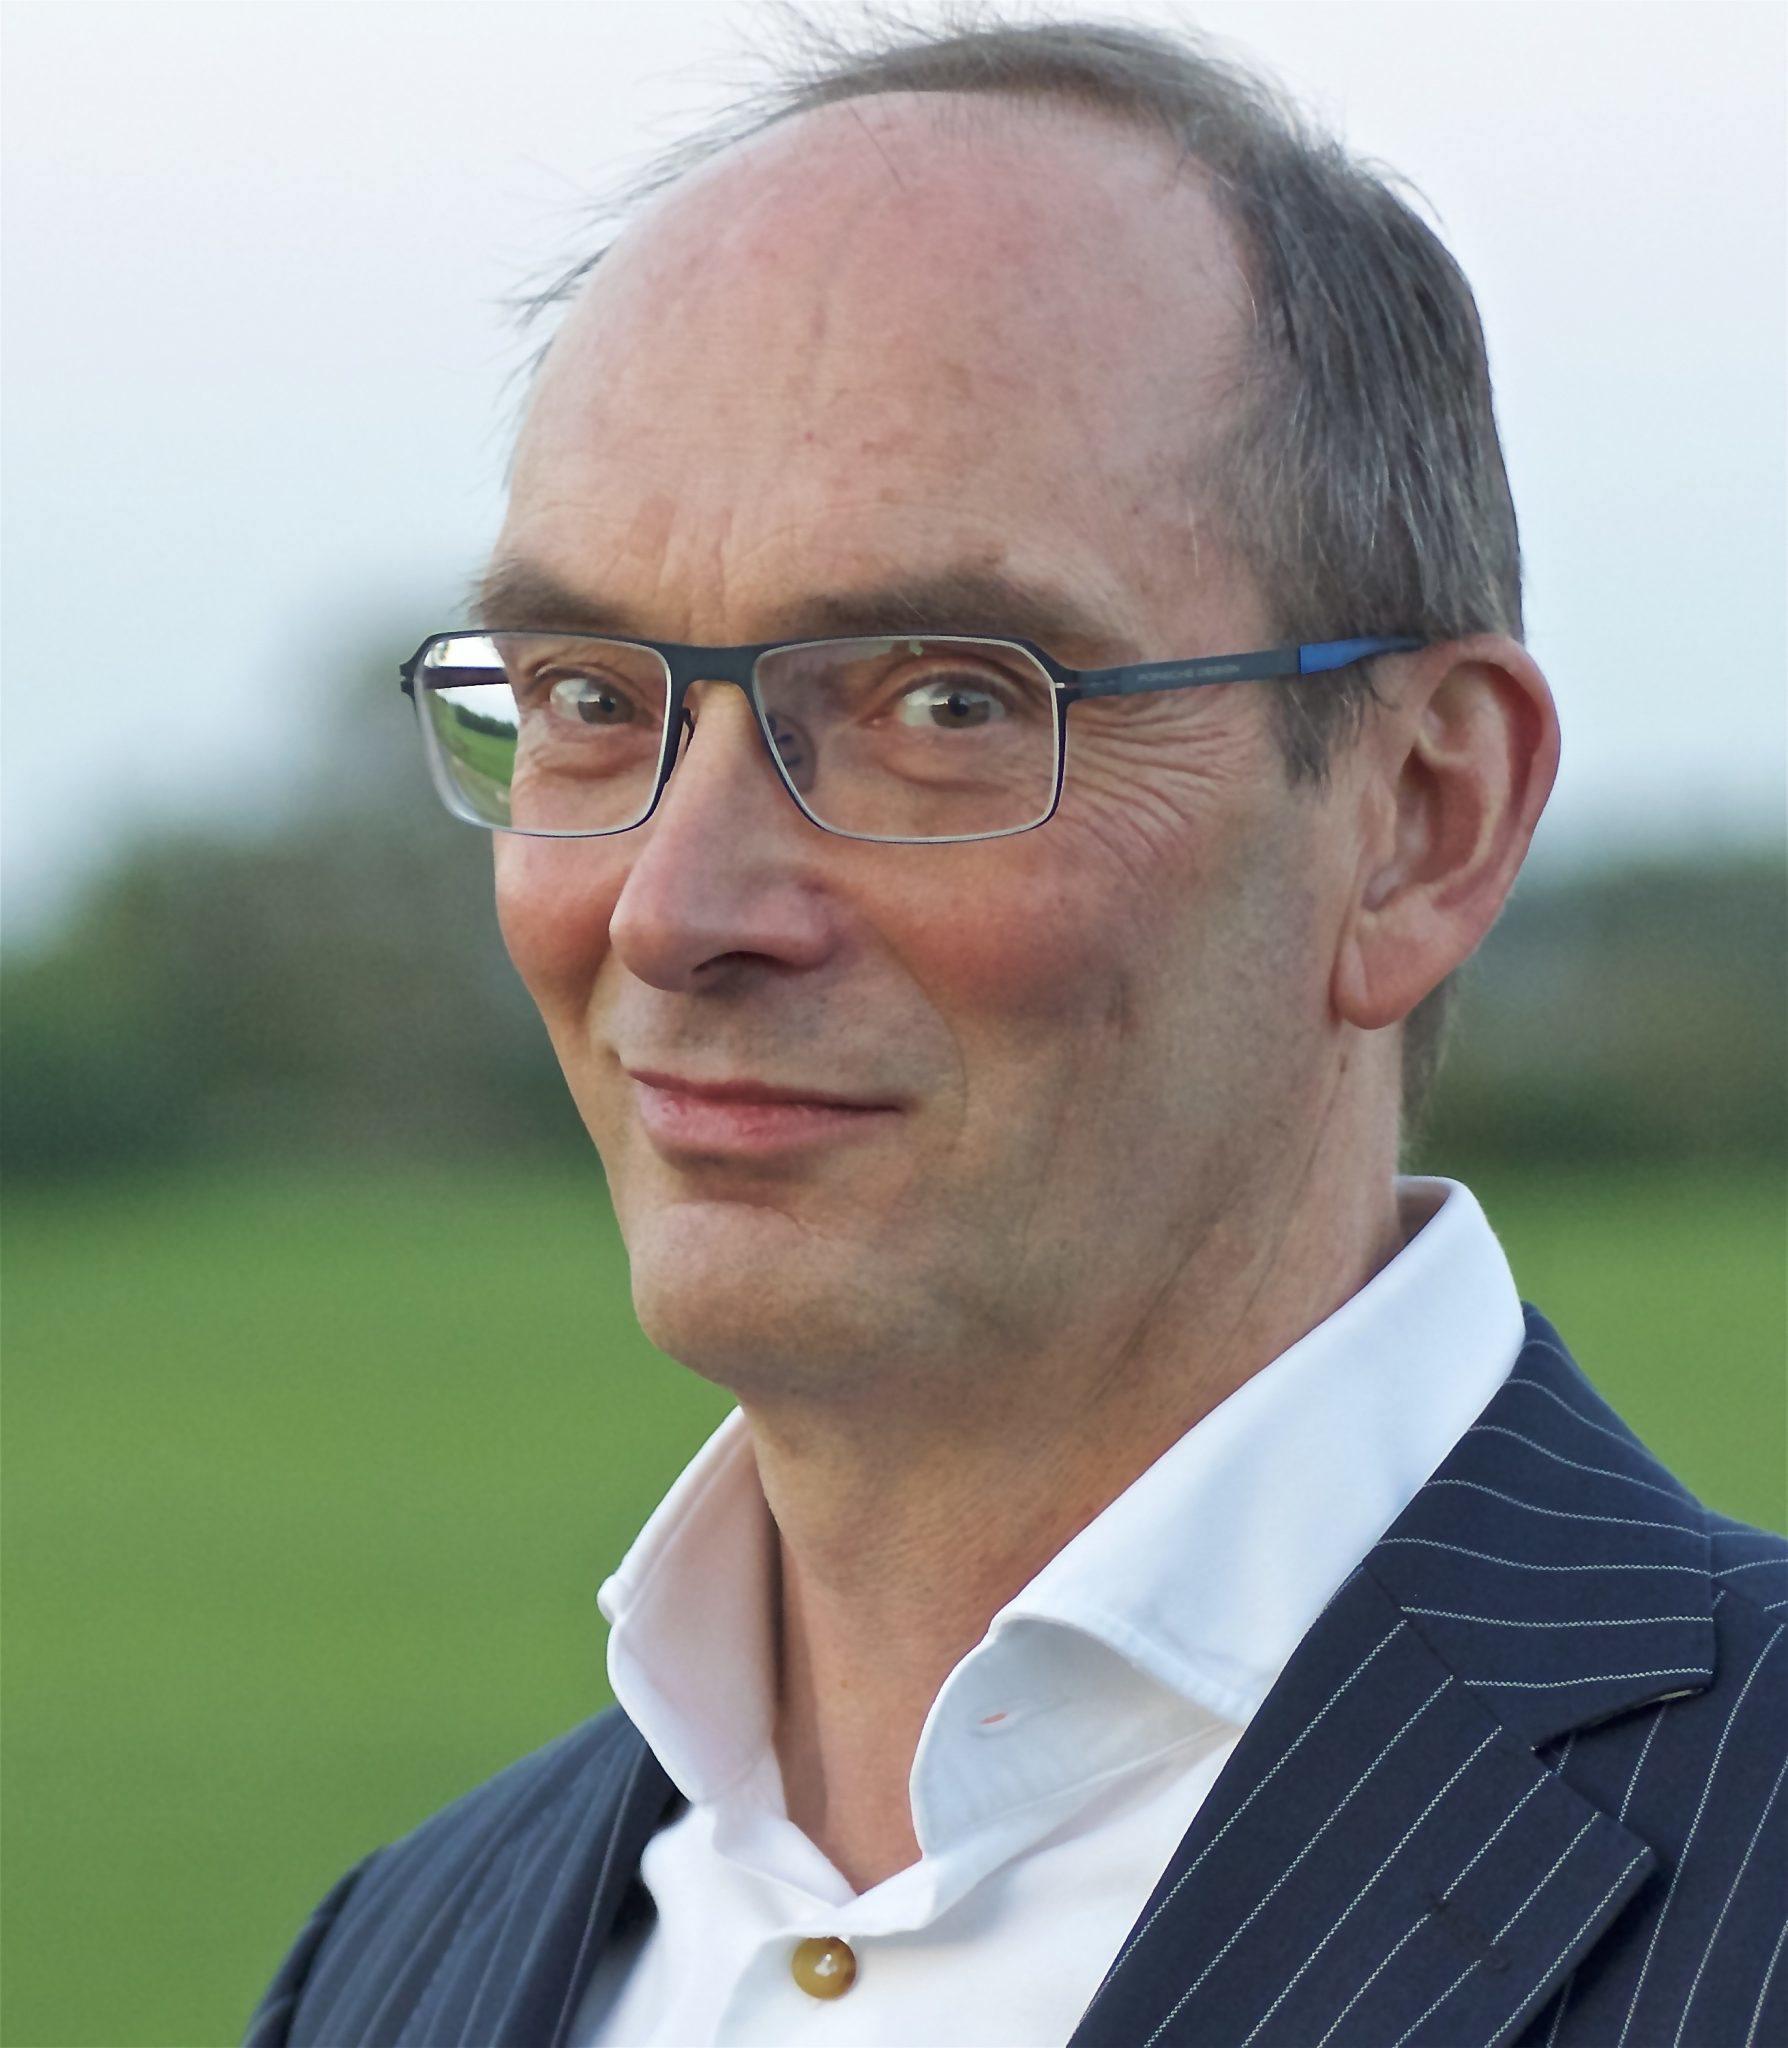 Marc Ruijten